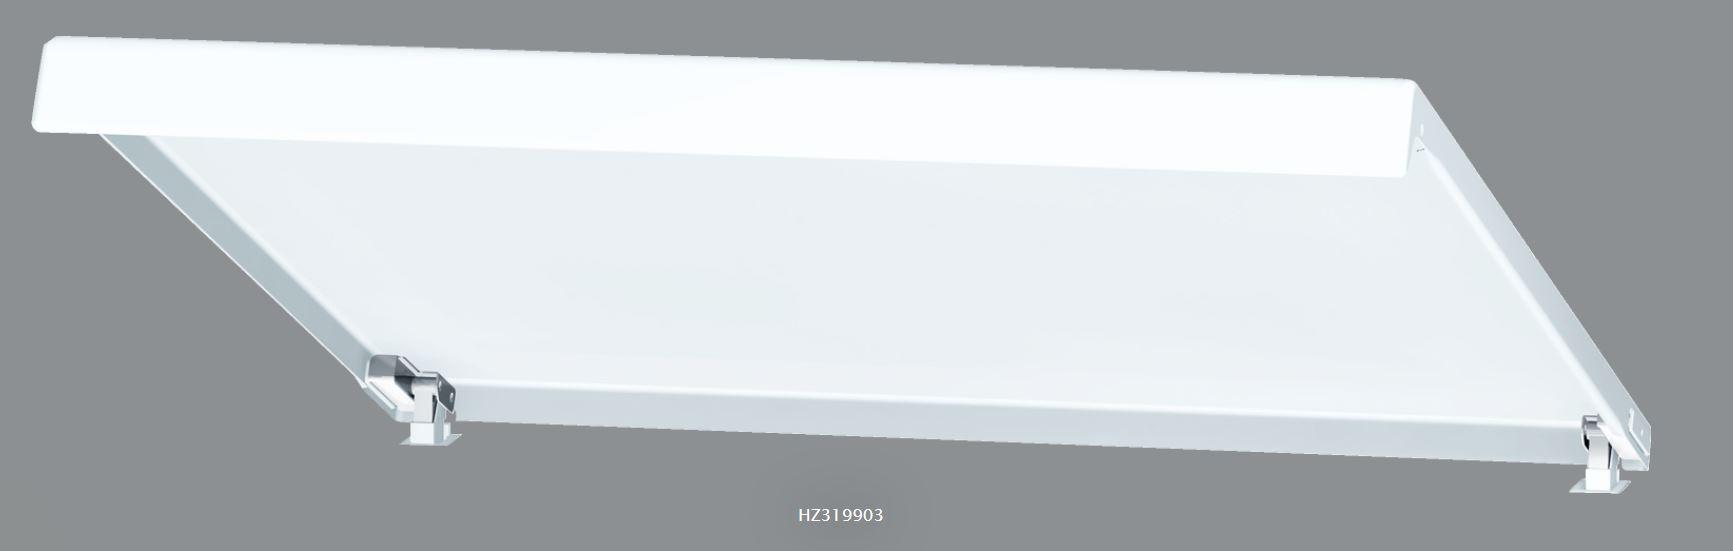 Siemens HZ319903 Metallabdeckplatte